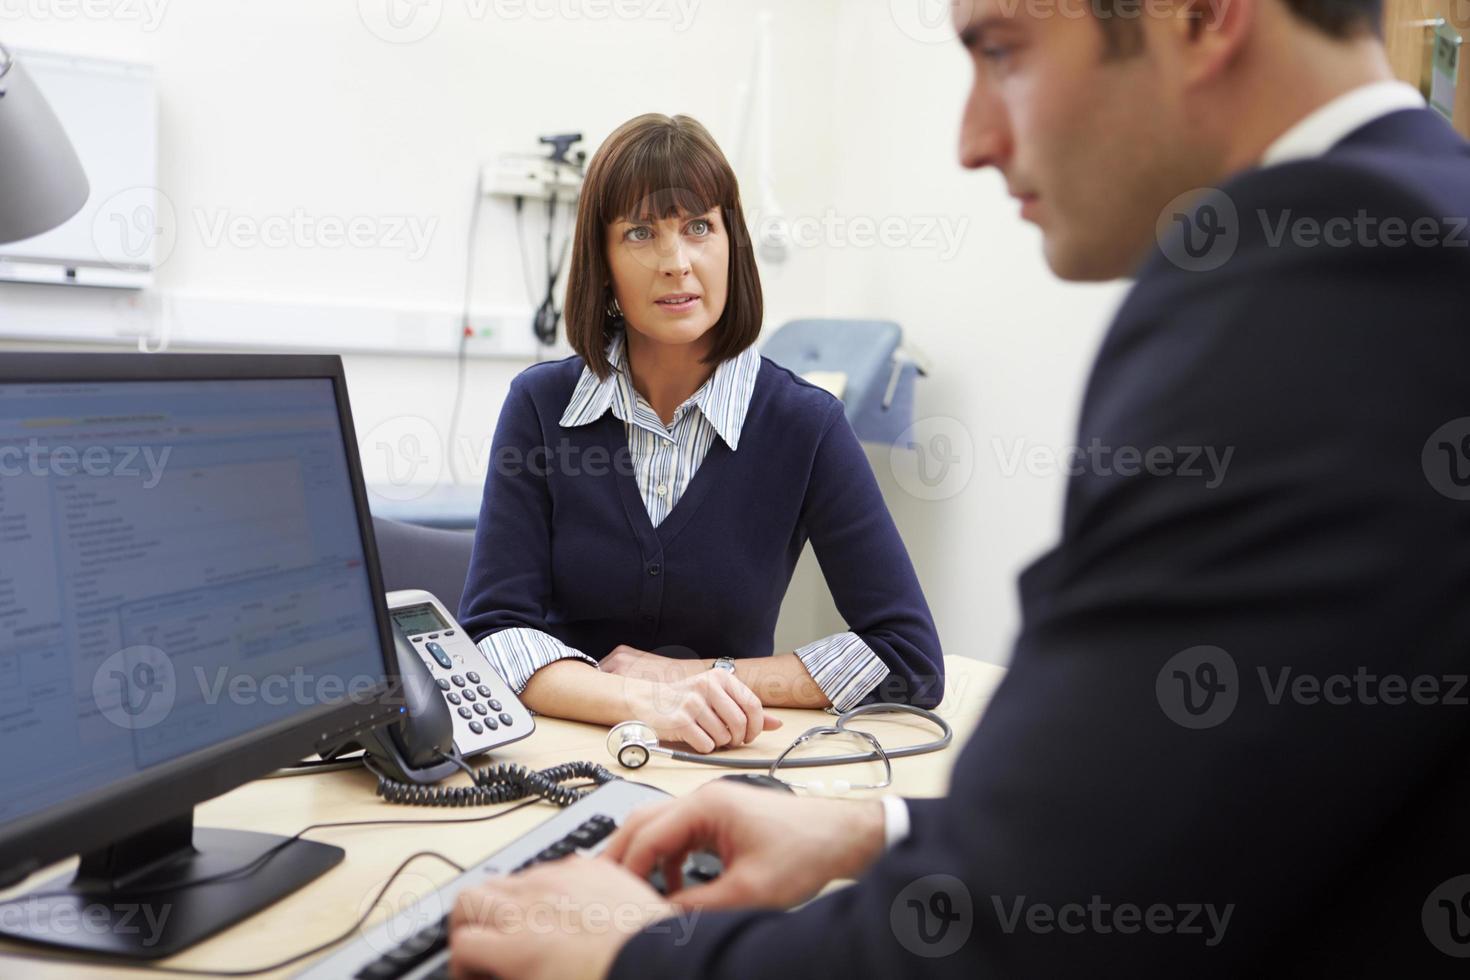 consultor reunião com paciente no escritório foto